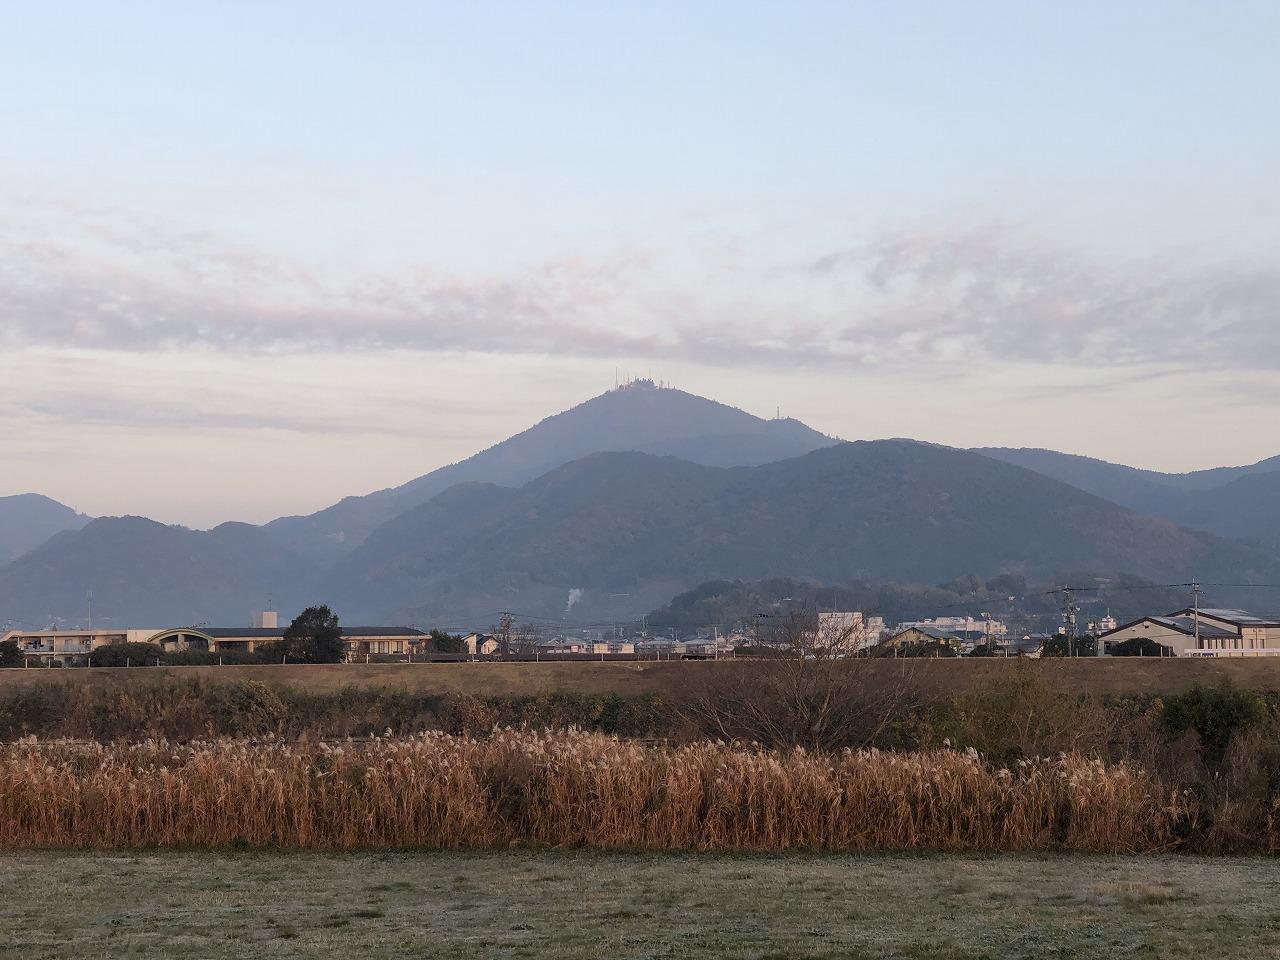 2019.12.9今朝の金峰山です。